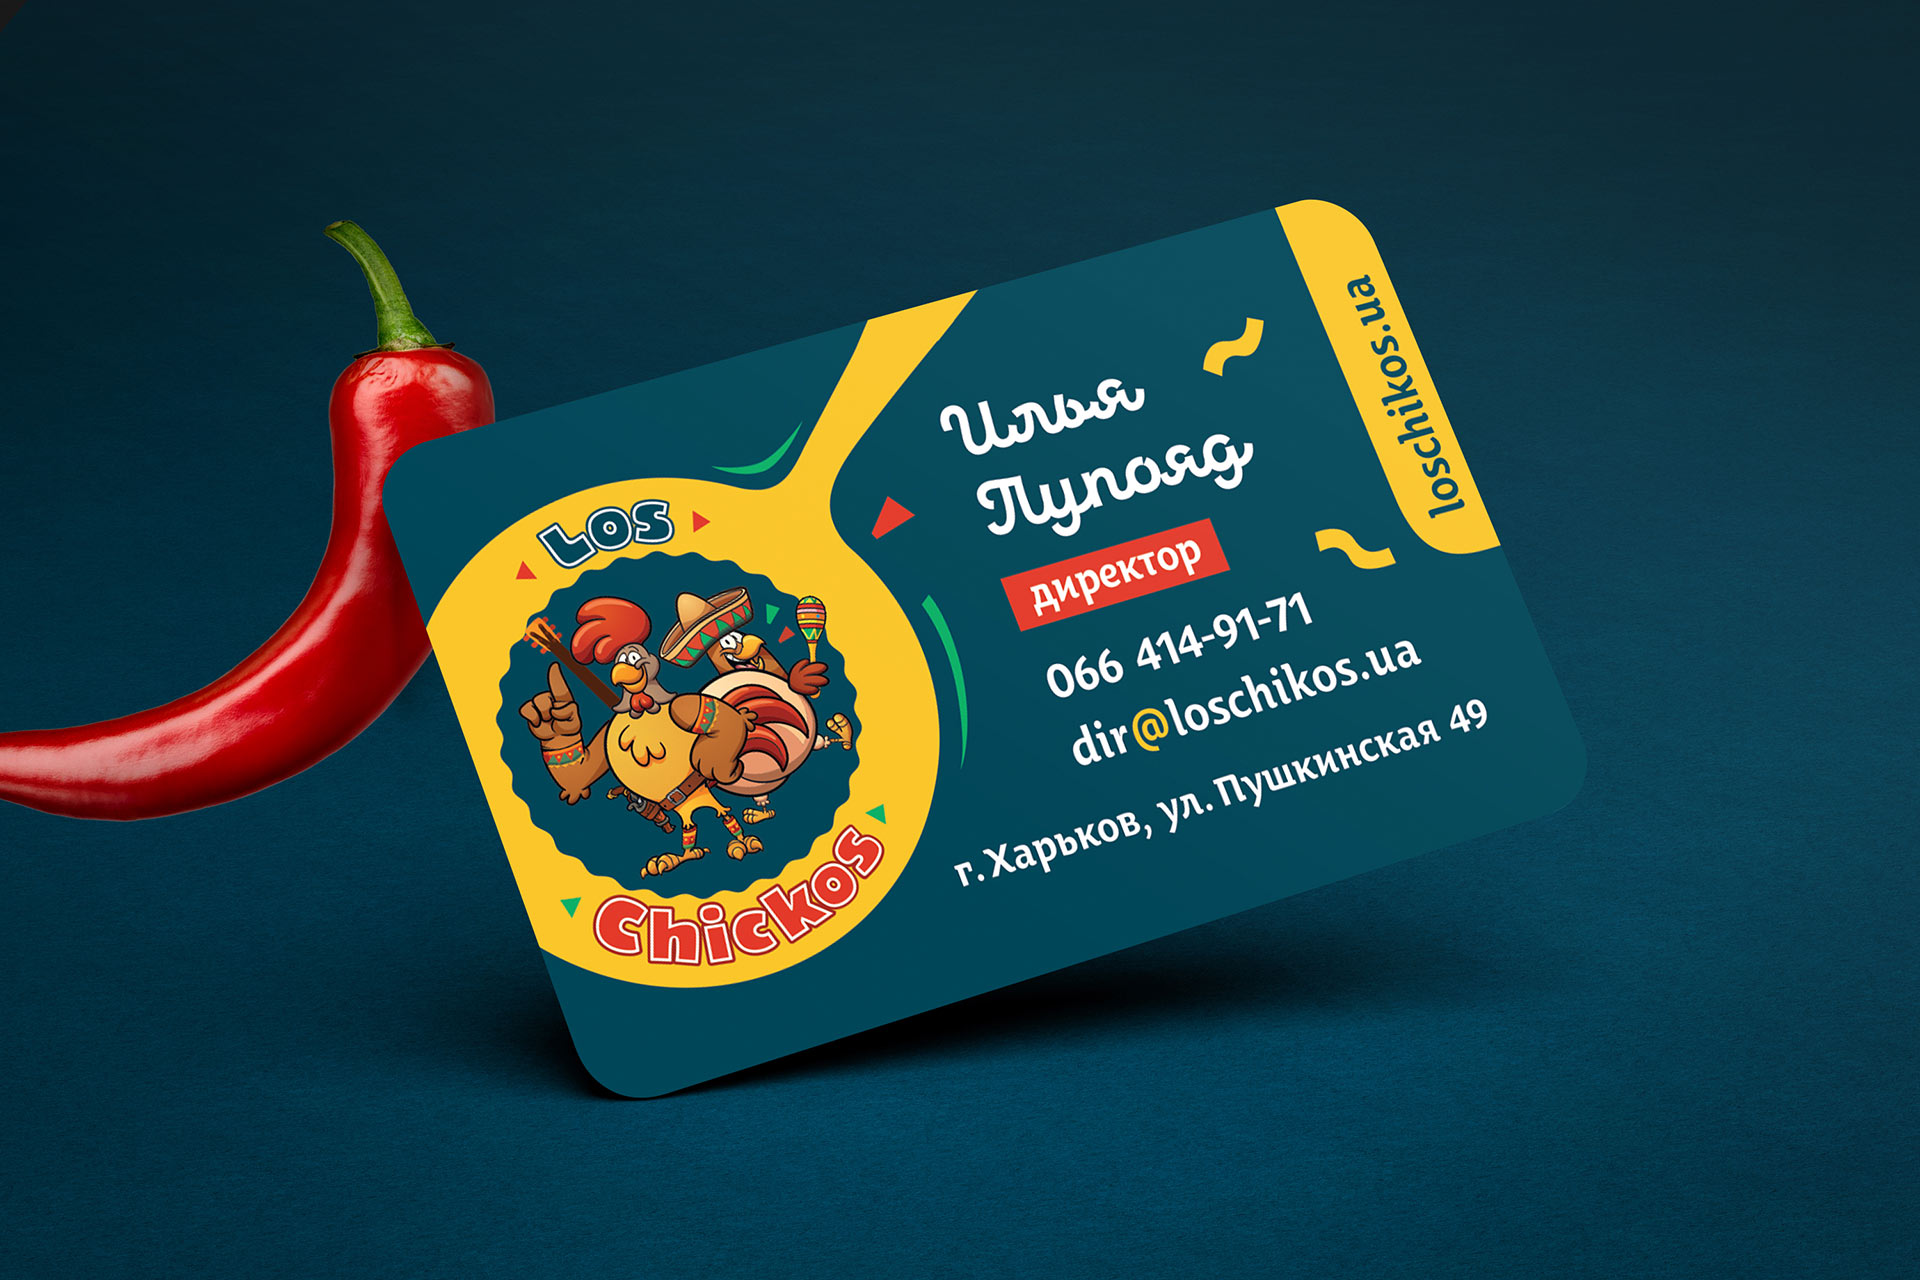 визитка мексиканского ресторана